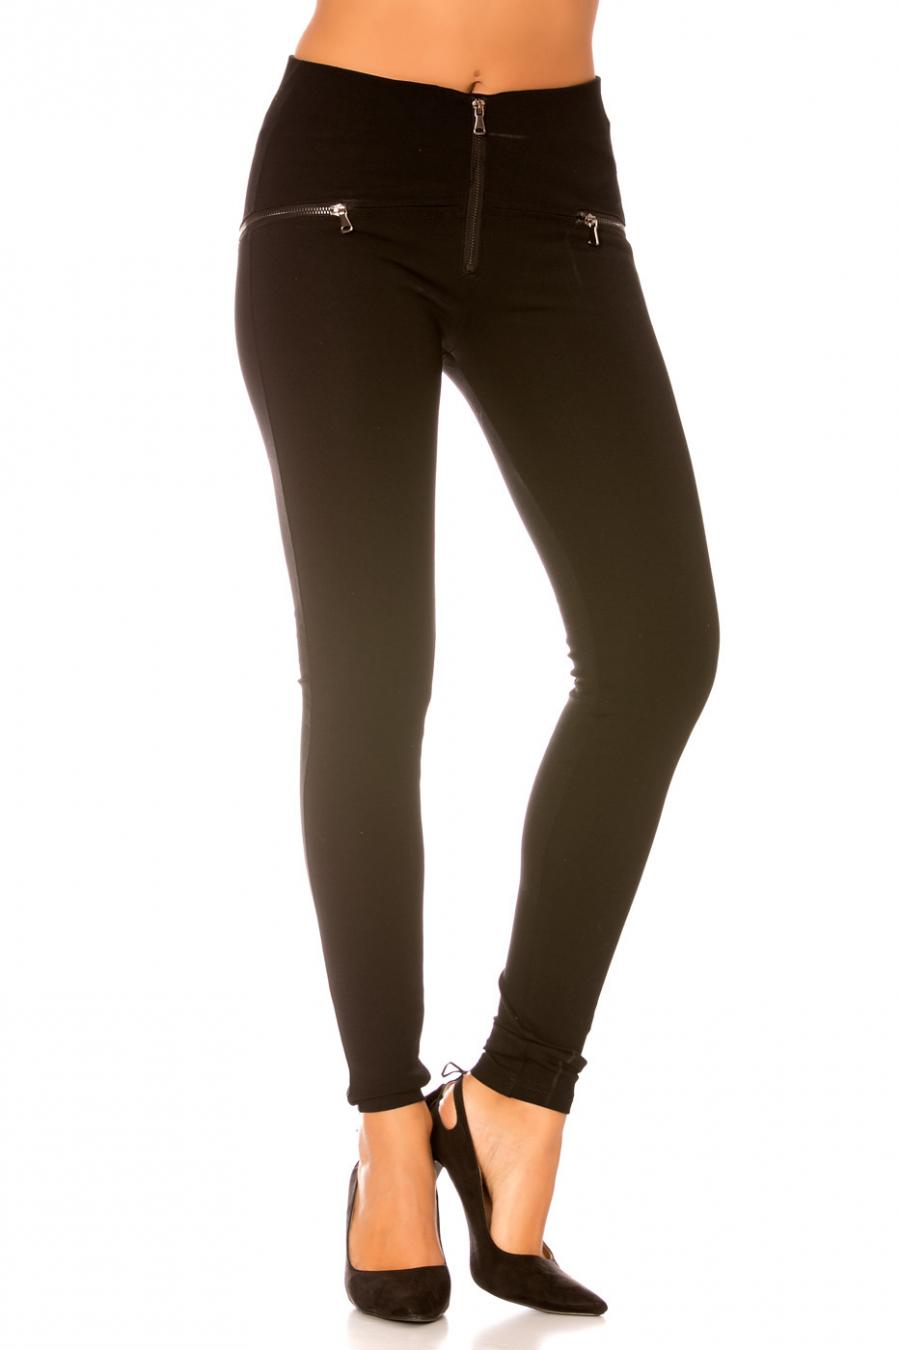 Pantalon Noir avec fermeture éclair sur le devant - SD078